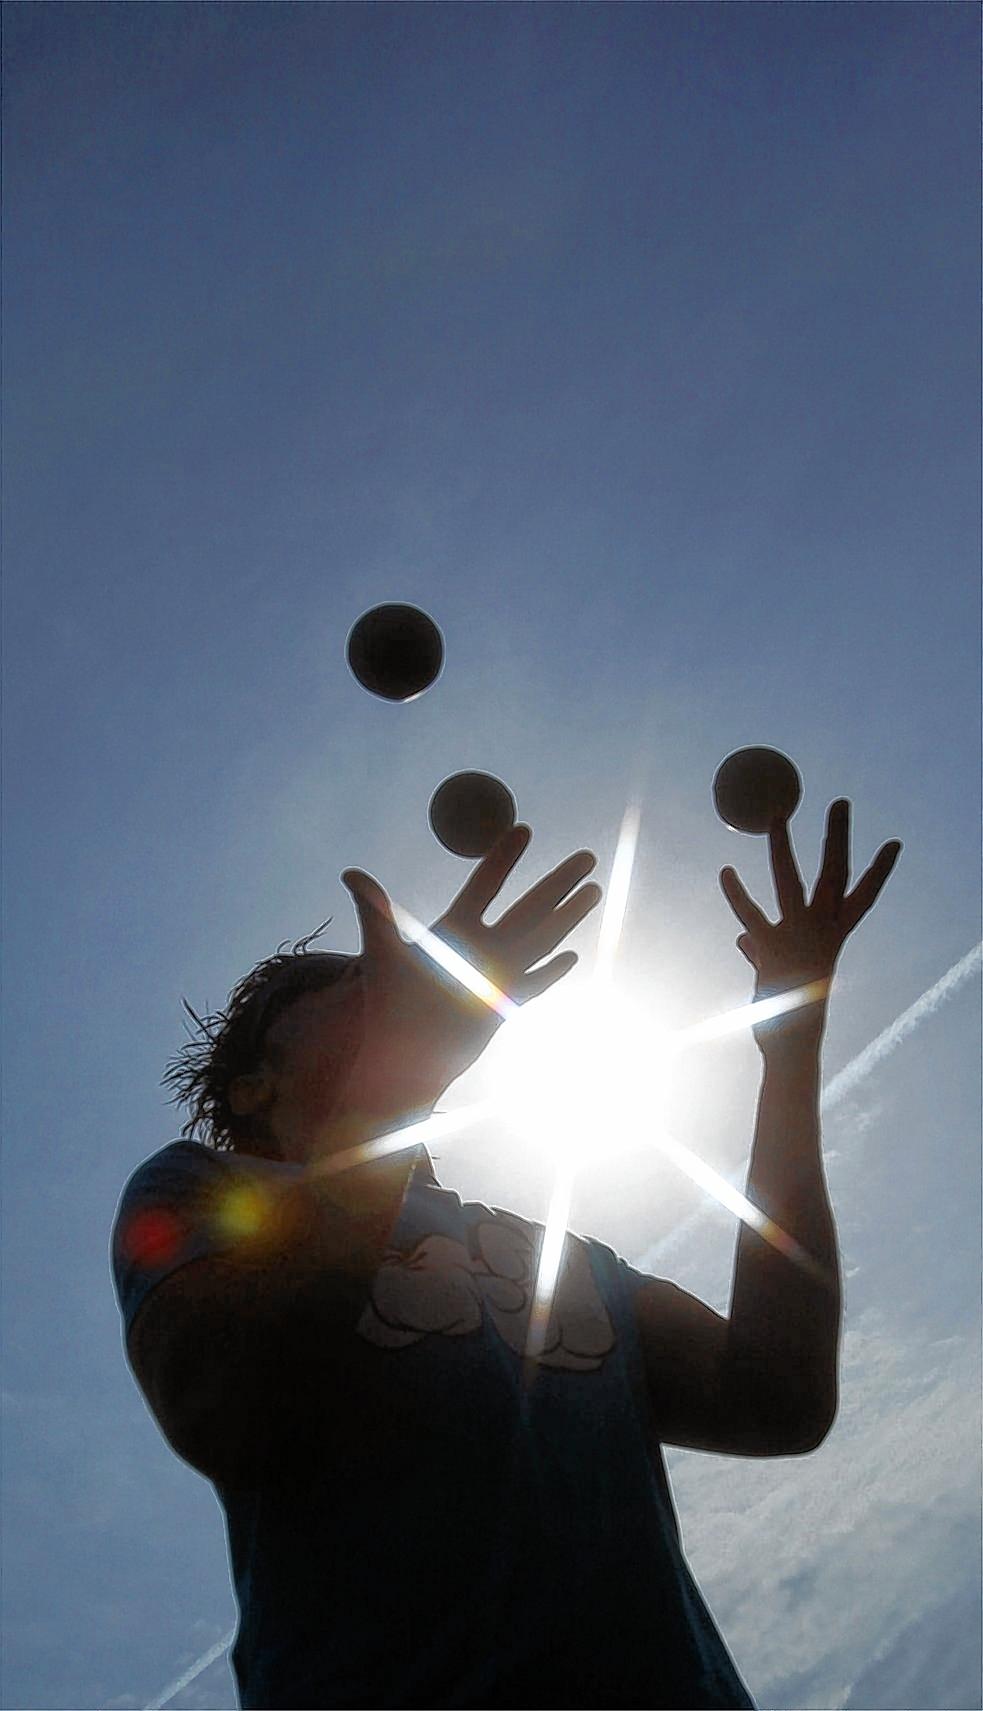 Wer eine gesunde Balance zwischen beruflichen Anforderungen und Erholungsphasen finden will, muss lernen, mit seinen Ressourcen zu jonglieren.